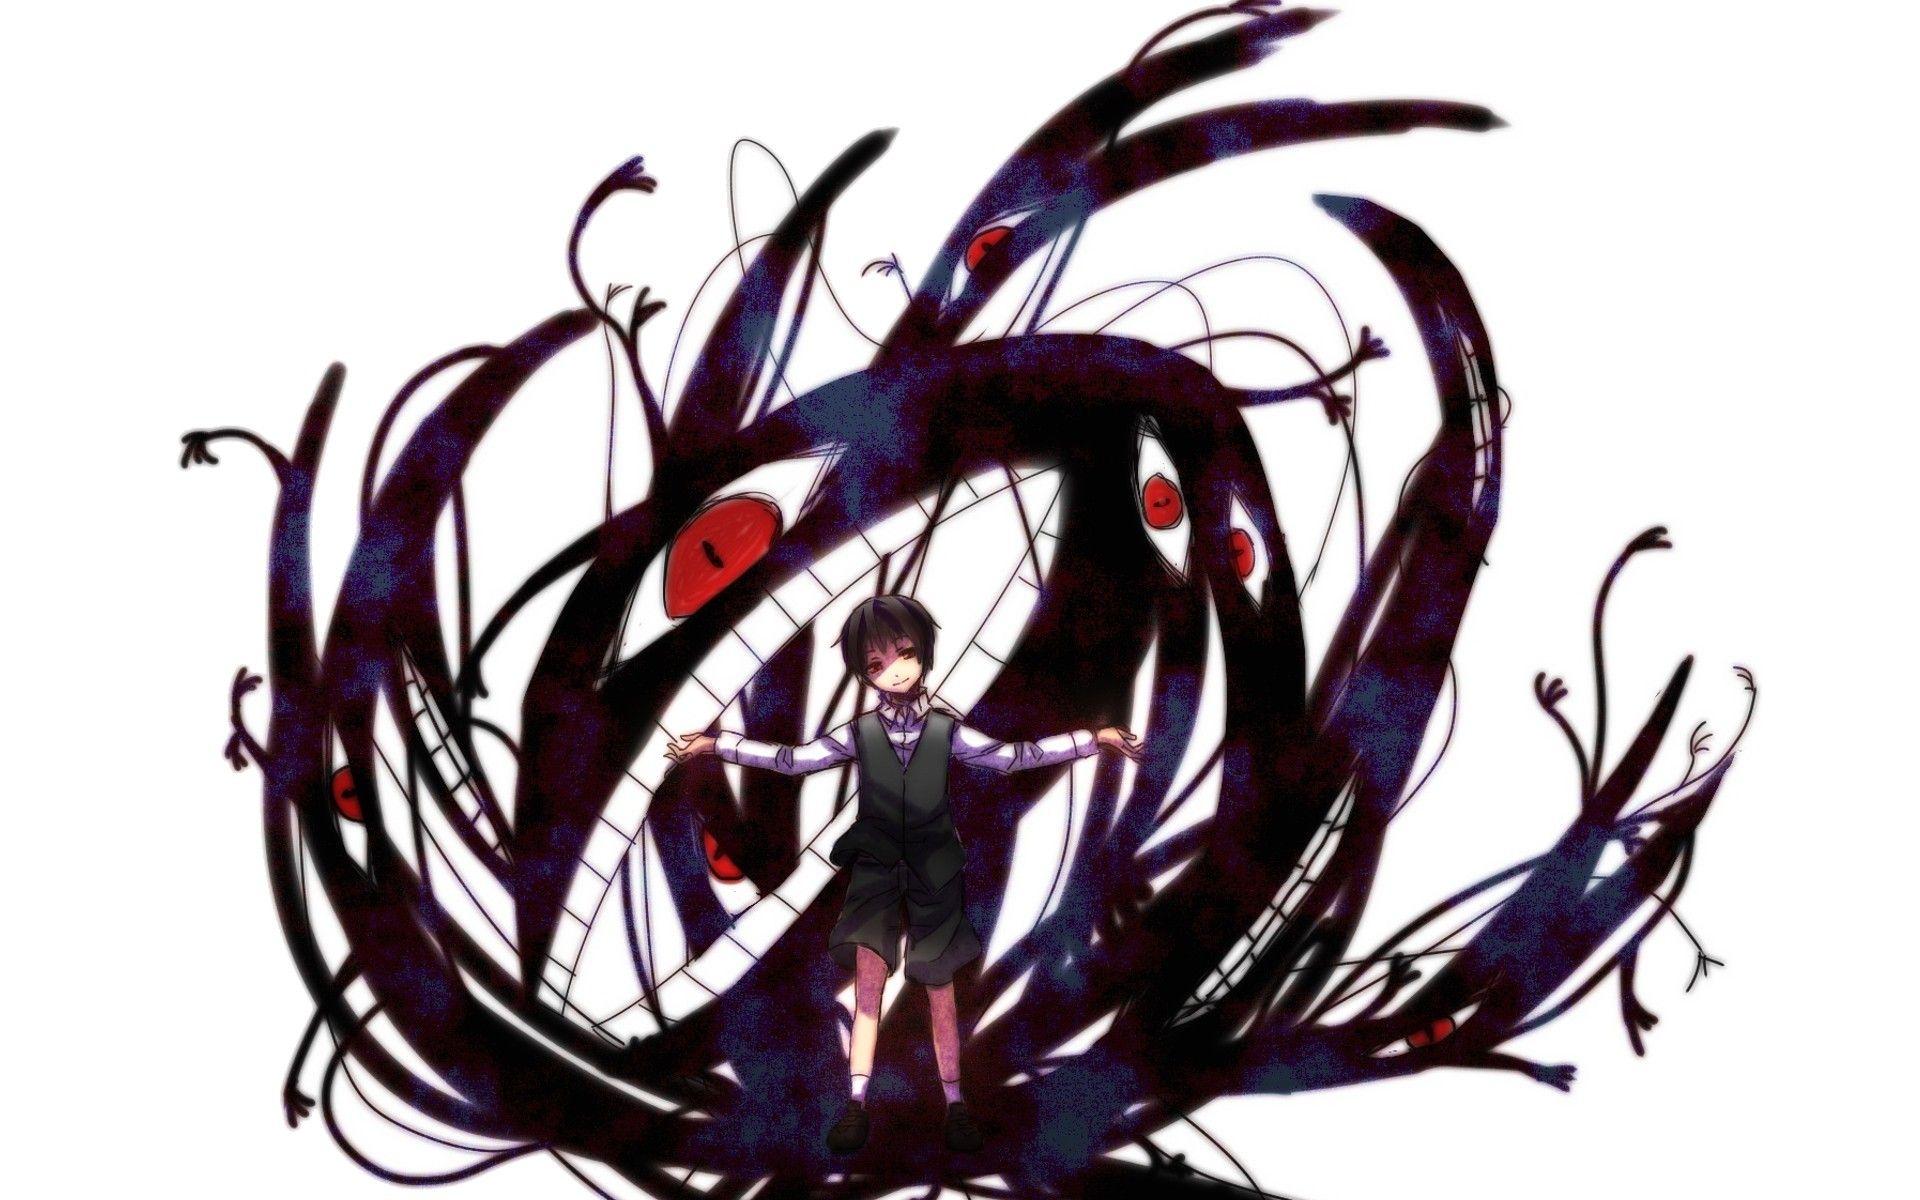 Fullmetal Alchemist Brotherhood Wallpaper Fullmetal